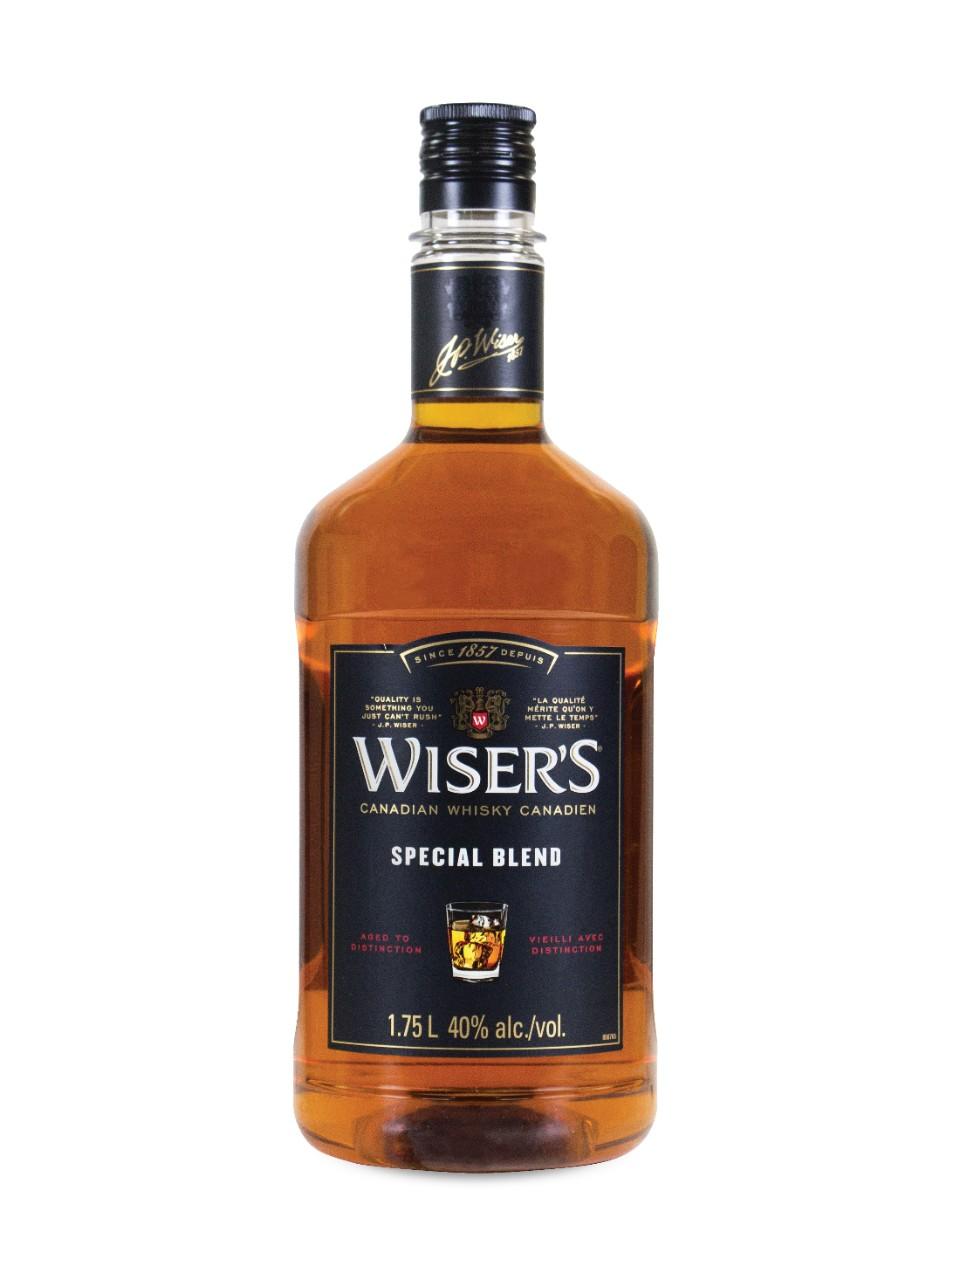 Special blend website